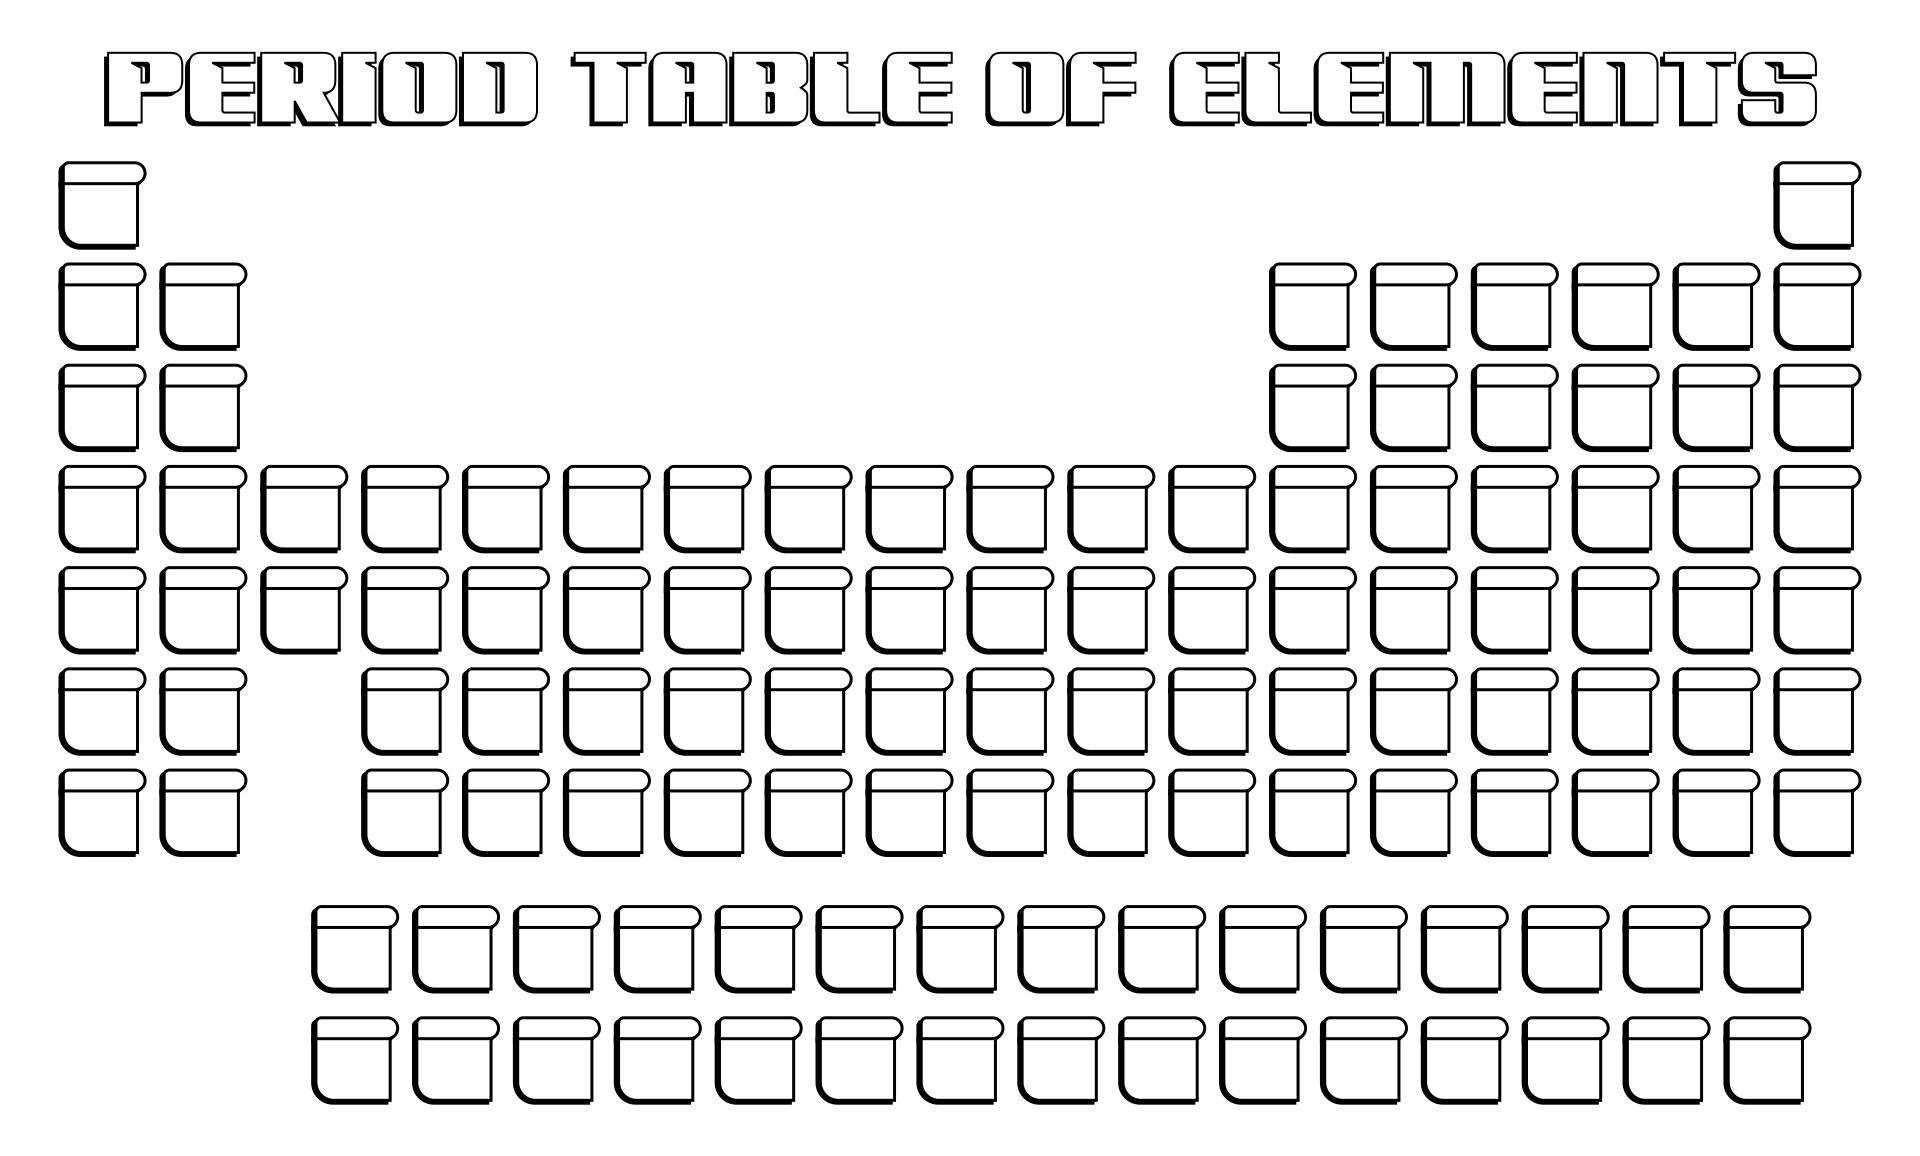 Blank Periodic Table Worksheet - Davezan